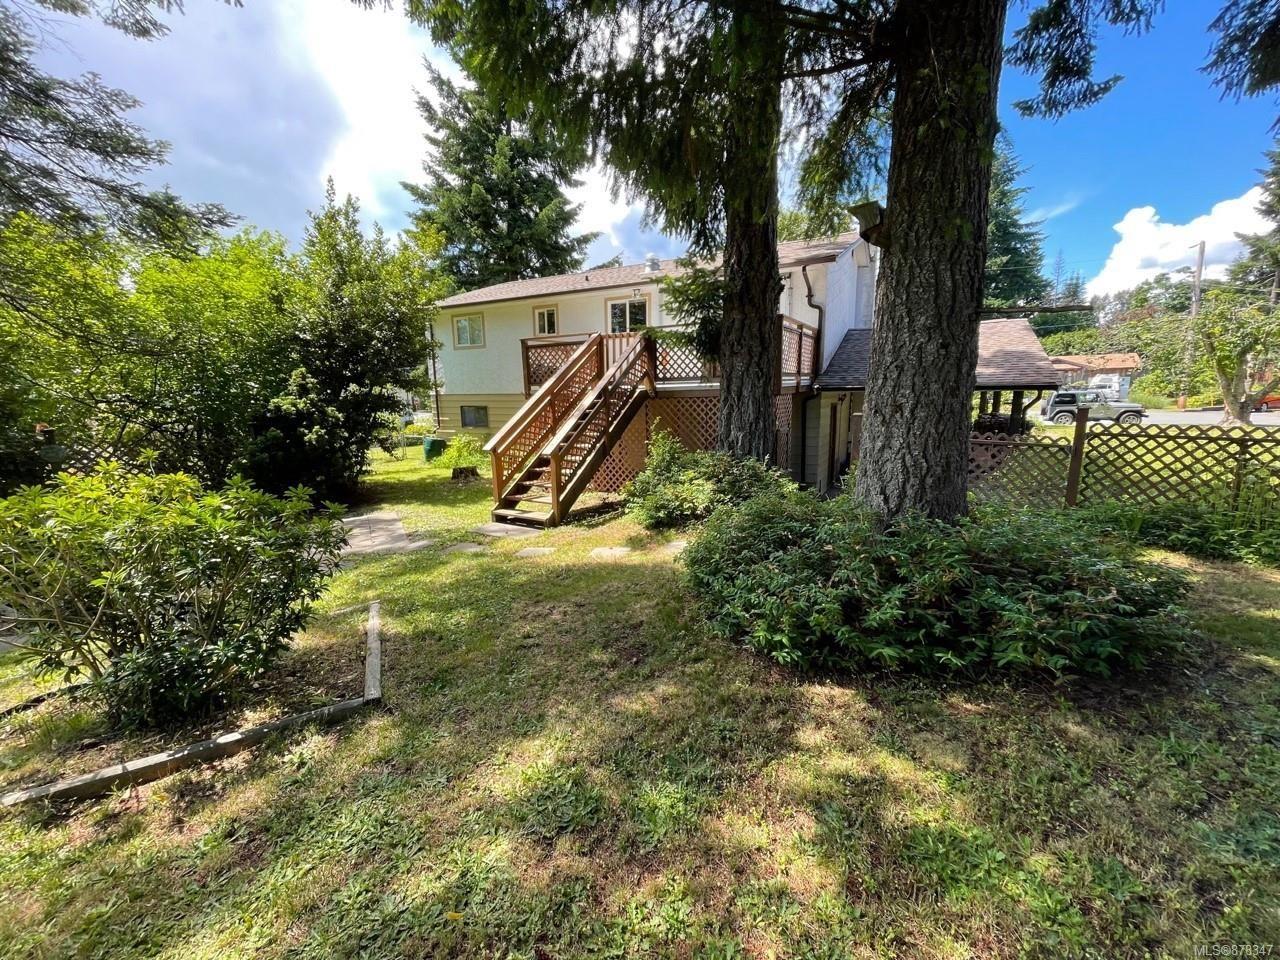 Photo 18: Photos: 334 Texada Pl in : CV Comox (Town of) House for sale (Comox Valley)  : MLS®# 878347